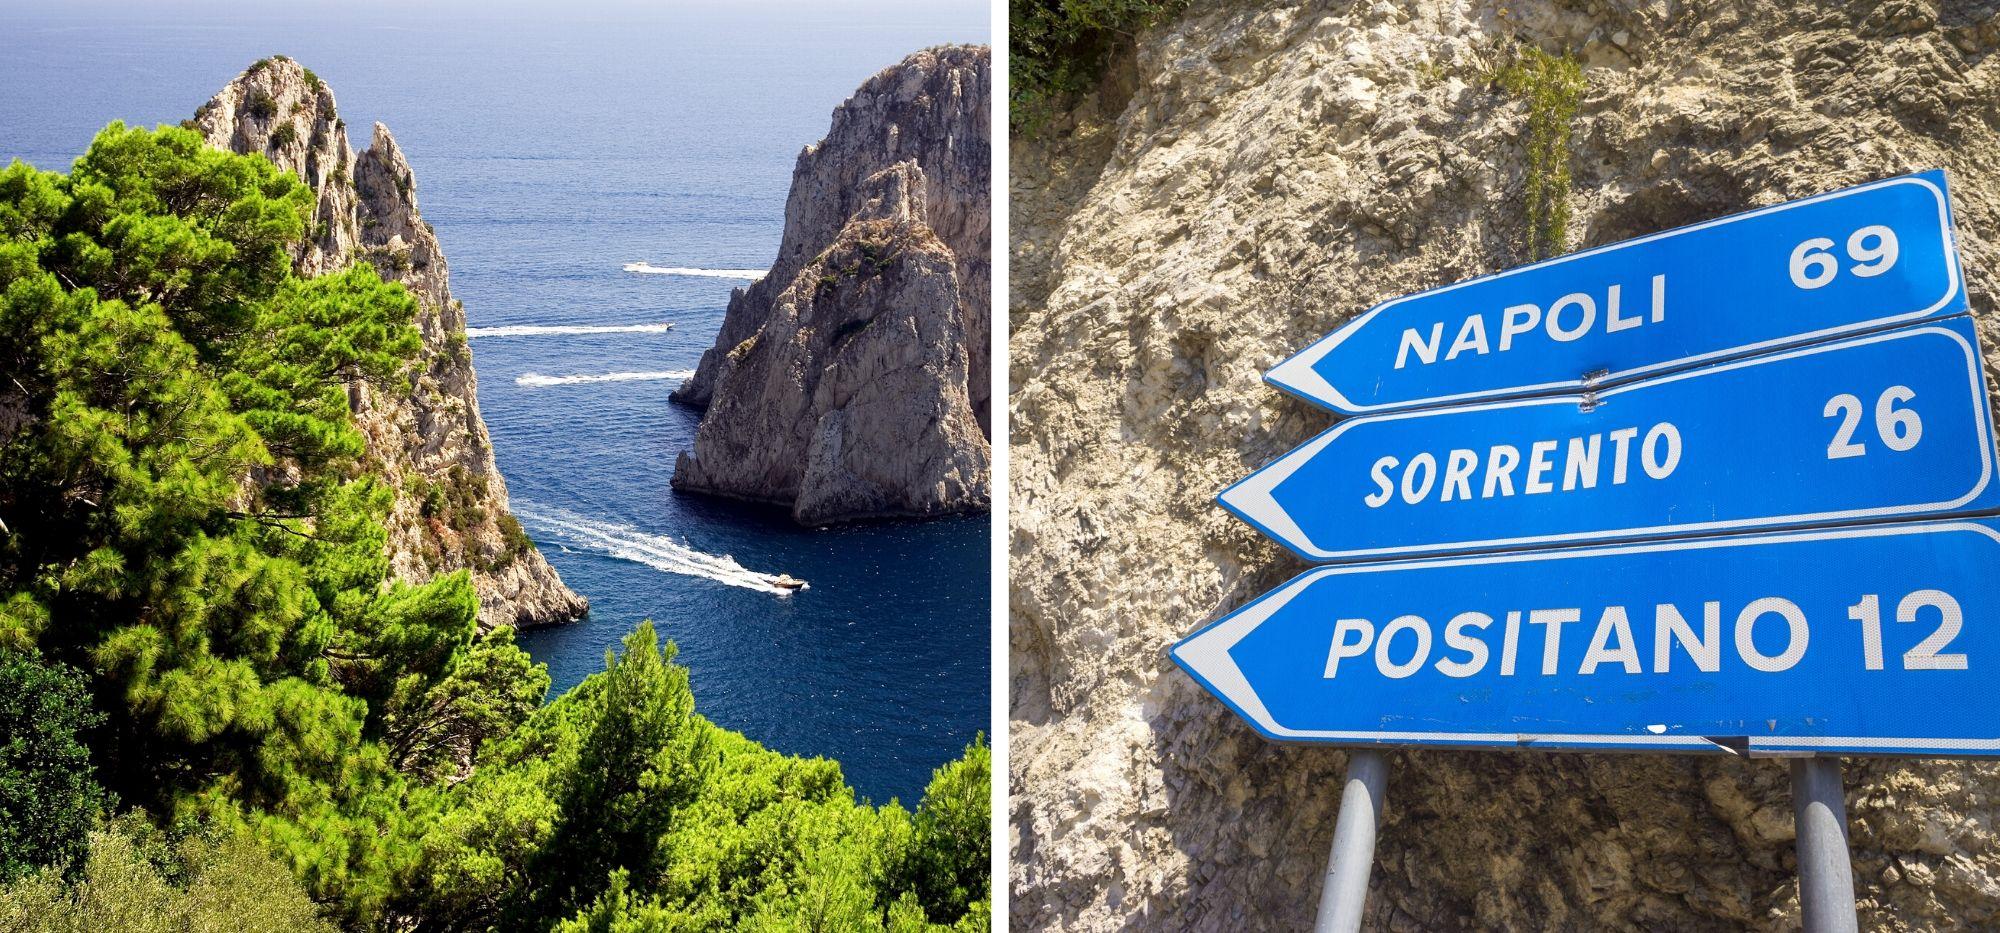 Neapol jest swietną bazą wypadową na południe Włoch